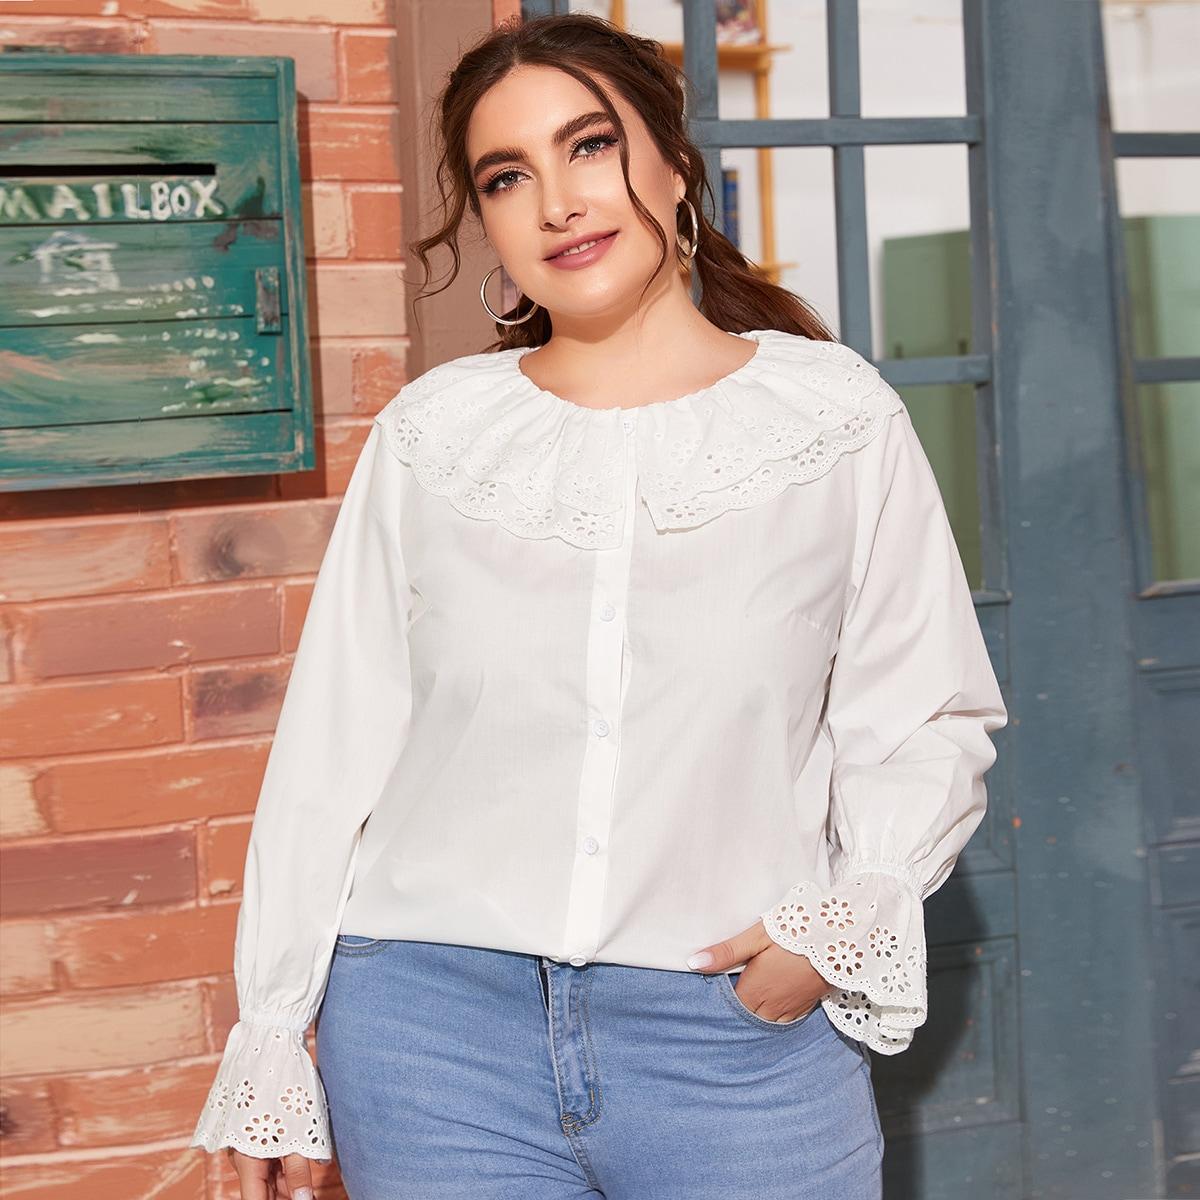 Однотонная блузка размера плюс с оборкой и ажурной вышивкой